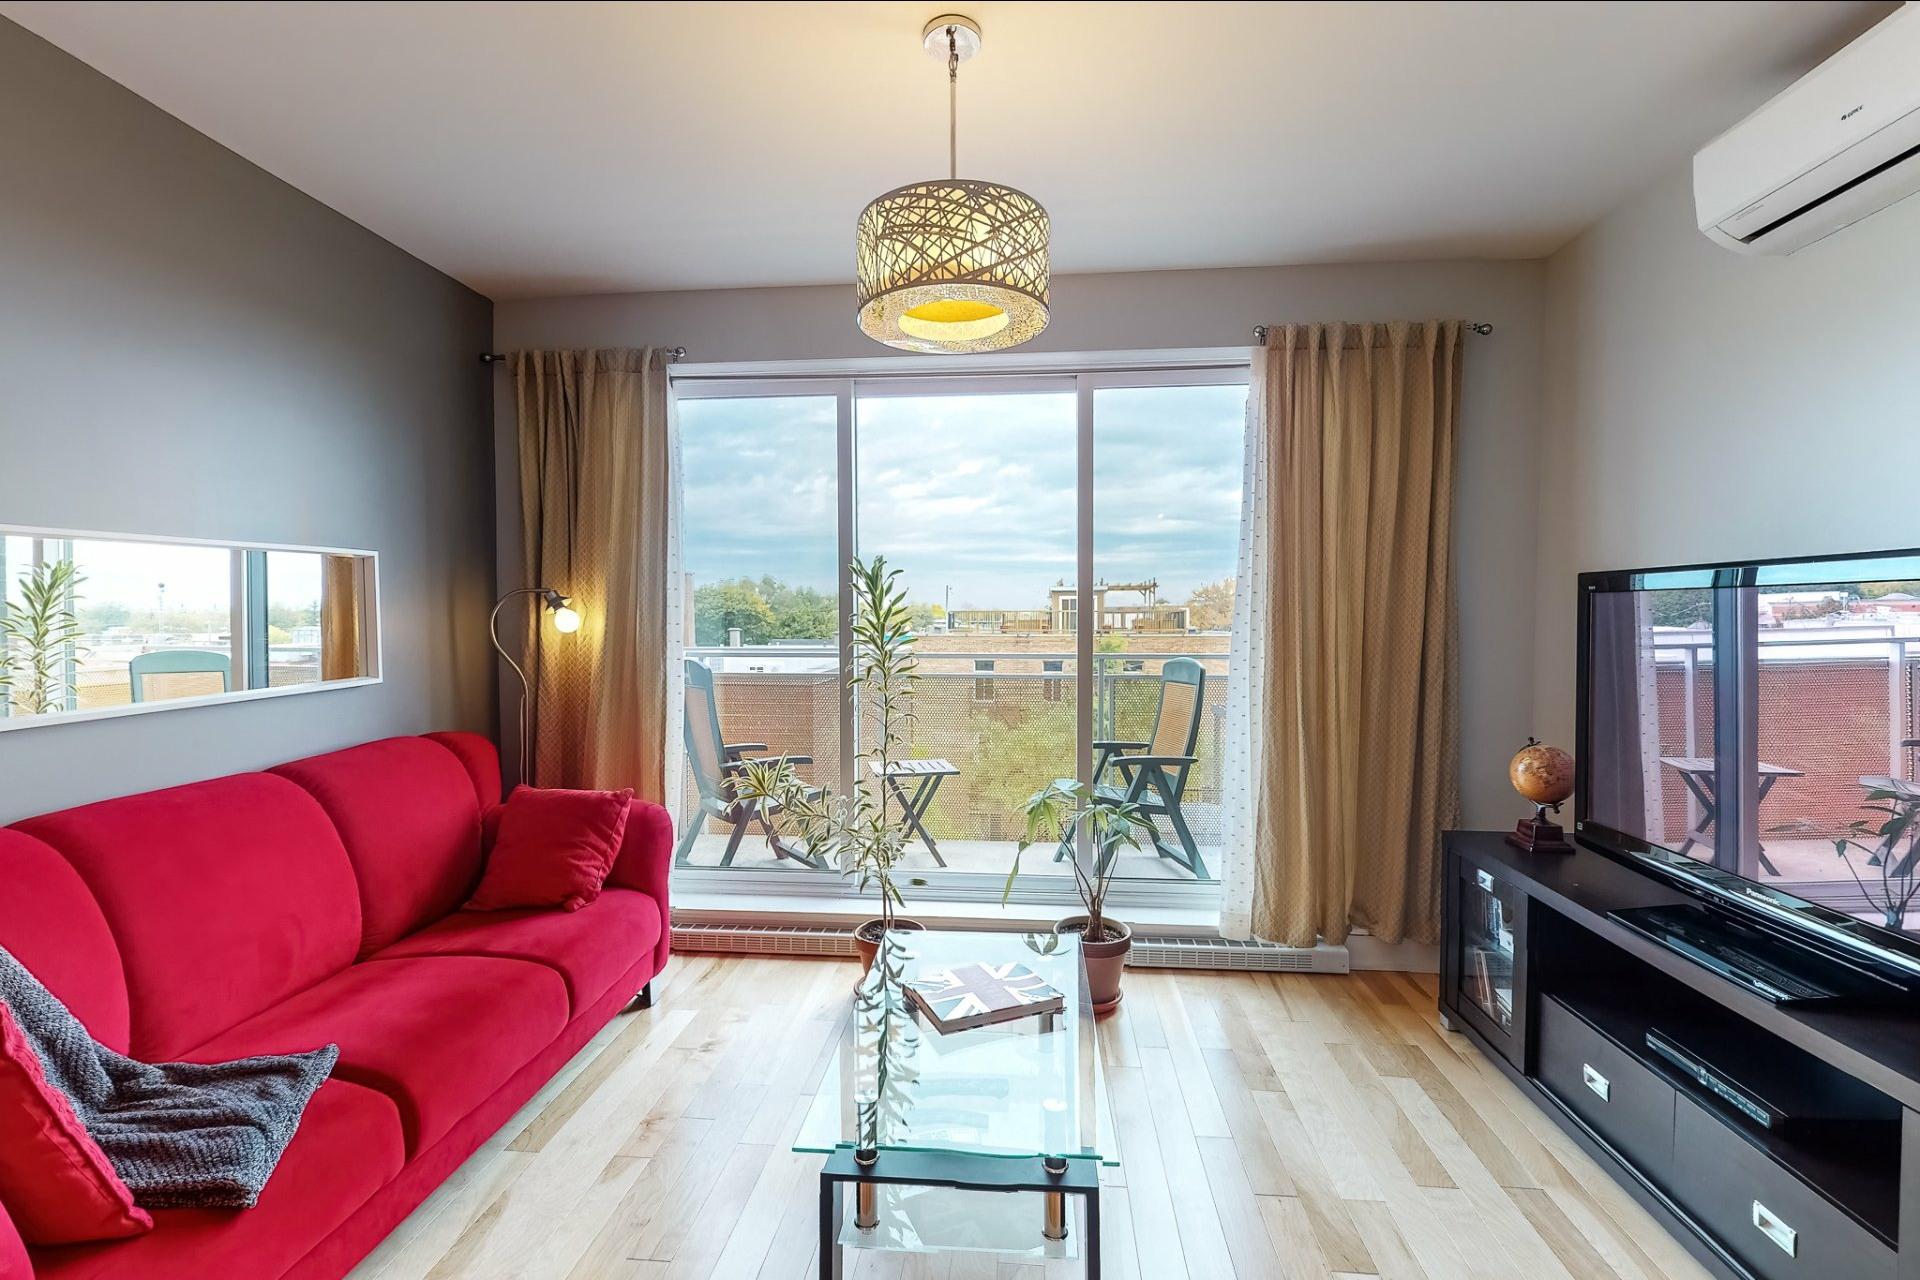 image 6 - Appartement À vendre Rosemont/La Petite-Patrie Montréal  - 3 pièces